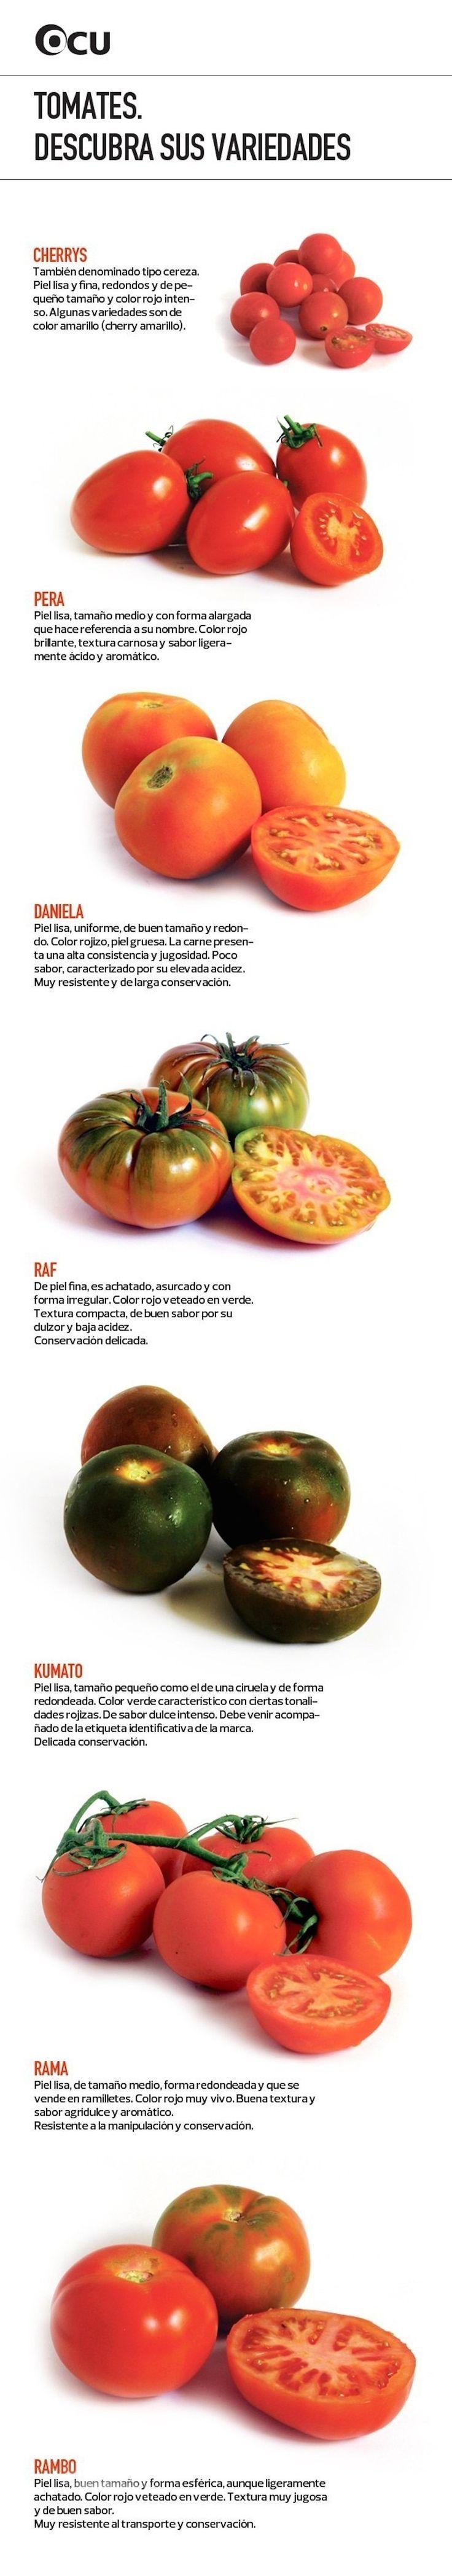 El tomate de rama tiene un sabor agridulce, mientras que el de pera es un poco más ácido. | 17 Datos gráficos sobre comidas que todo el mundo necesita en su vida